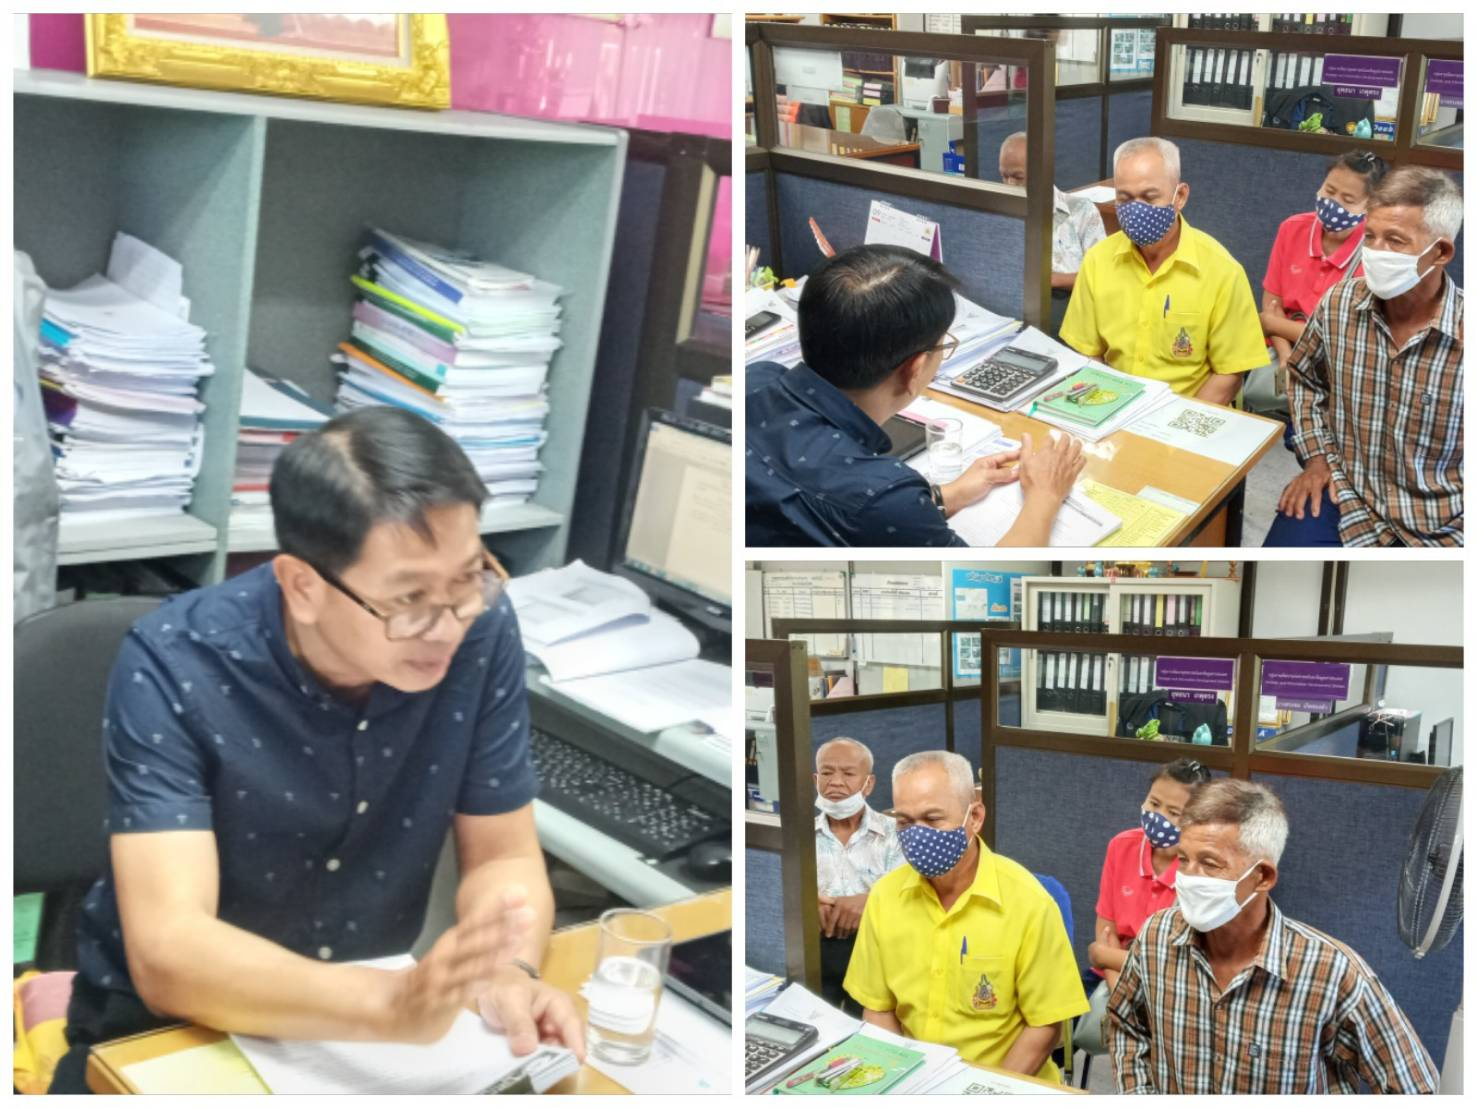 สรจ.พิษณุโลก ให้คำปรึกษาและแนะนำ เพื่อติดตามสิทธิประโยชน์แก่คนงานไทยที่เคยไปทำงานในประเทศของจังหวัดพิษณุโลก